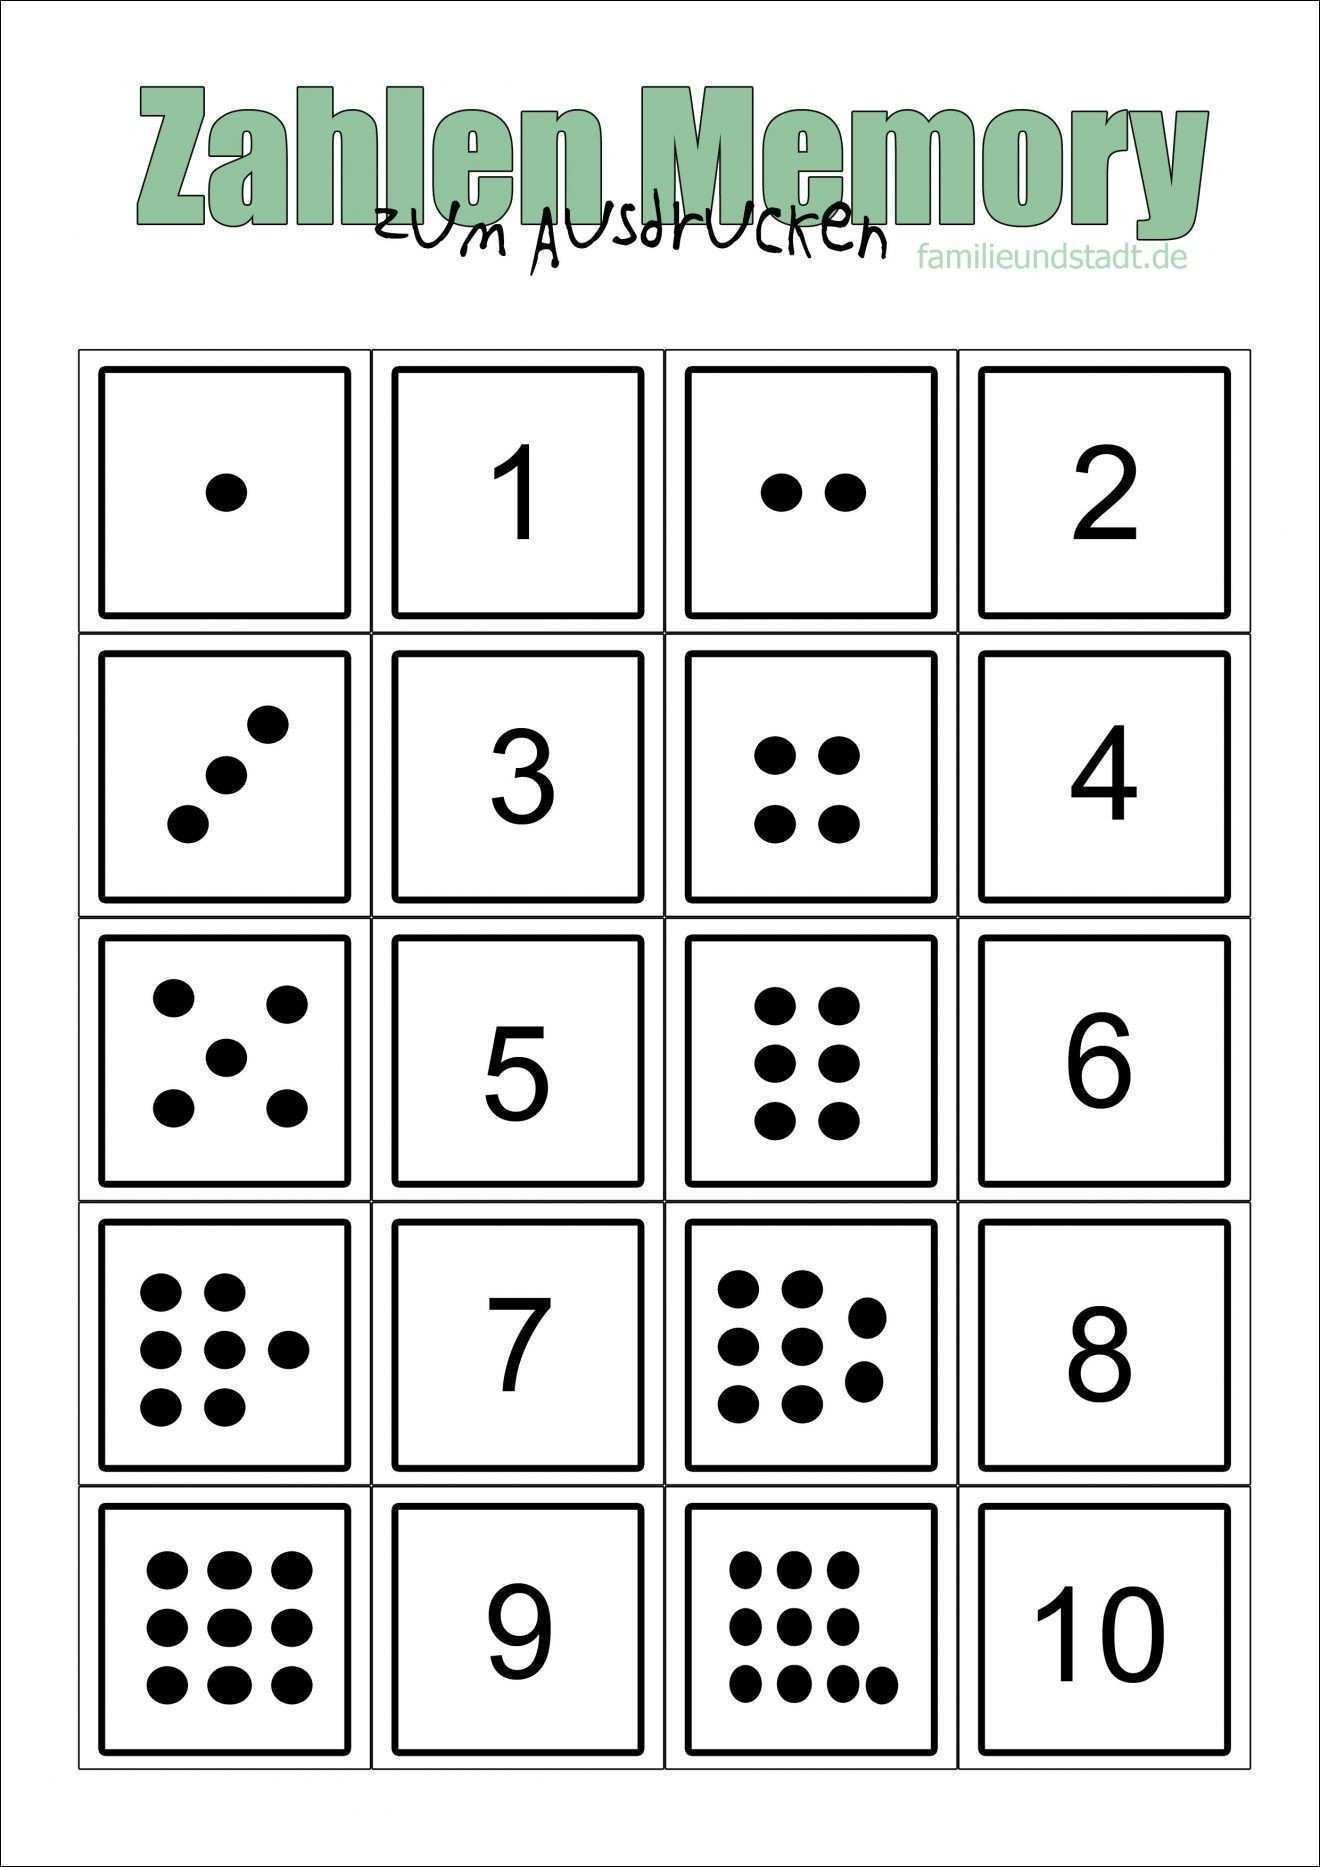 Malen Nach Zahlen 1-10 Genial Malen Nach Zahlen 1 10 Zum Ausdrucken Foto Malen Nach Zahlen Fotografieren